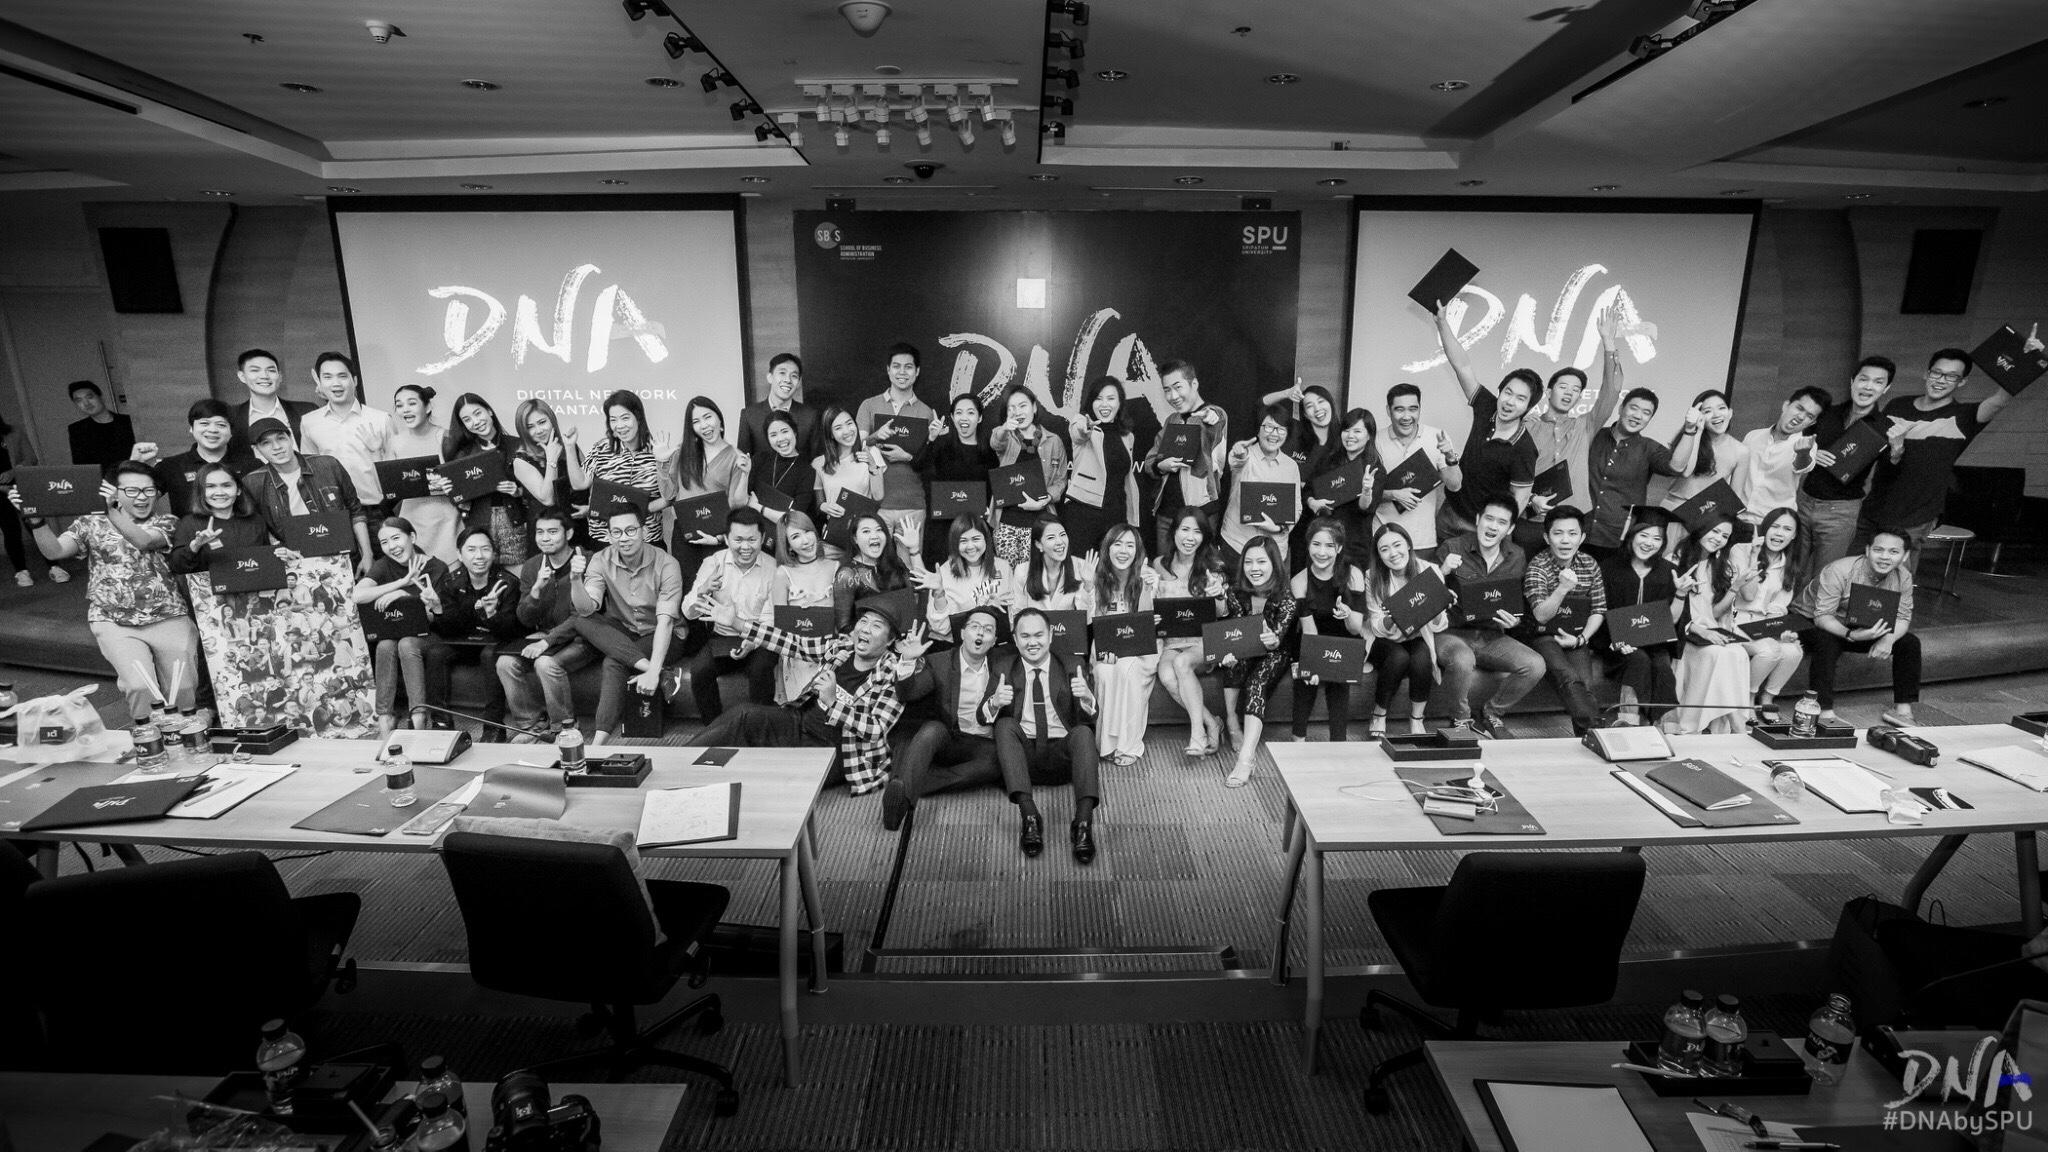 ความรู้สึกจากนักเรียน #DNAbySPU :: หลักสูตร #DigitalMarketing คณะบริหารธุรกิจ มหาวิทยาลัยศรีปทุม